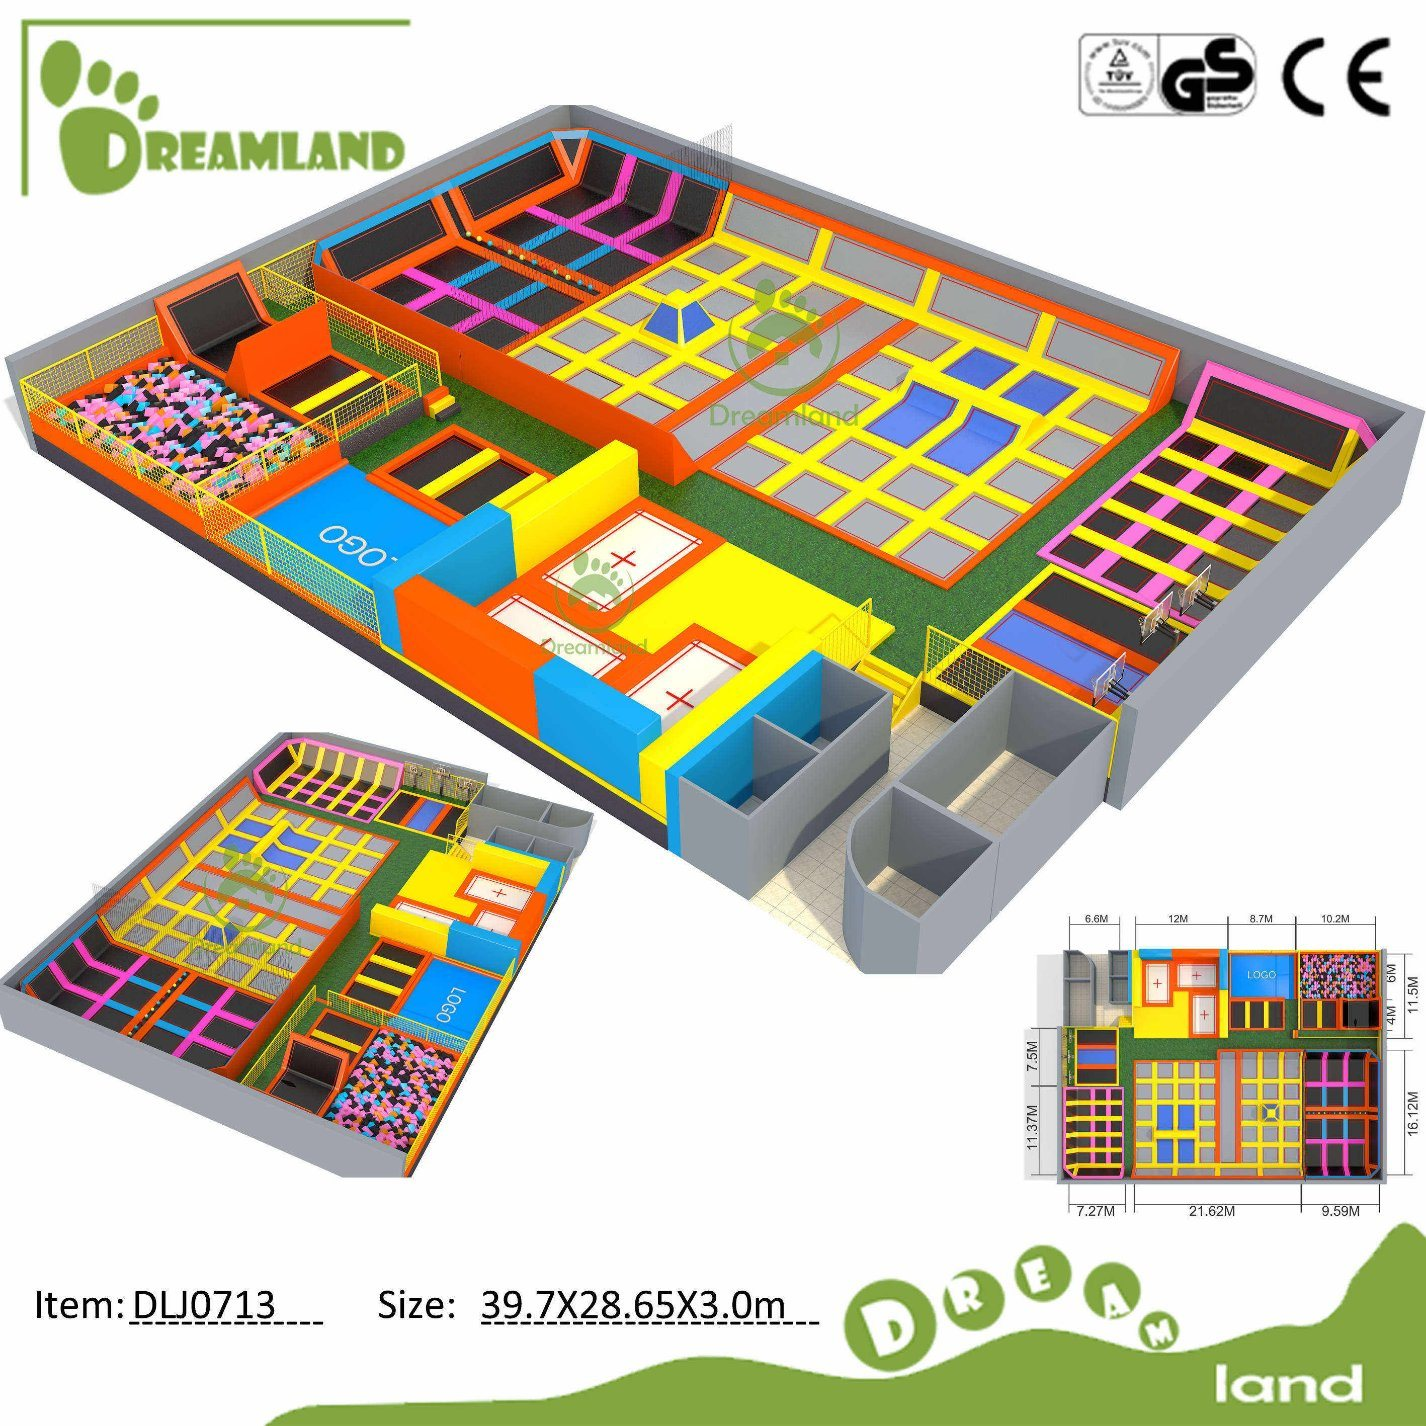 Dreamland Big Commercial Indoor Trampoline Park (DLJ043)